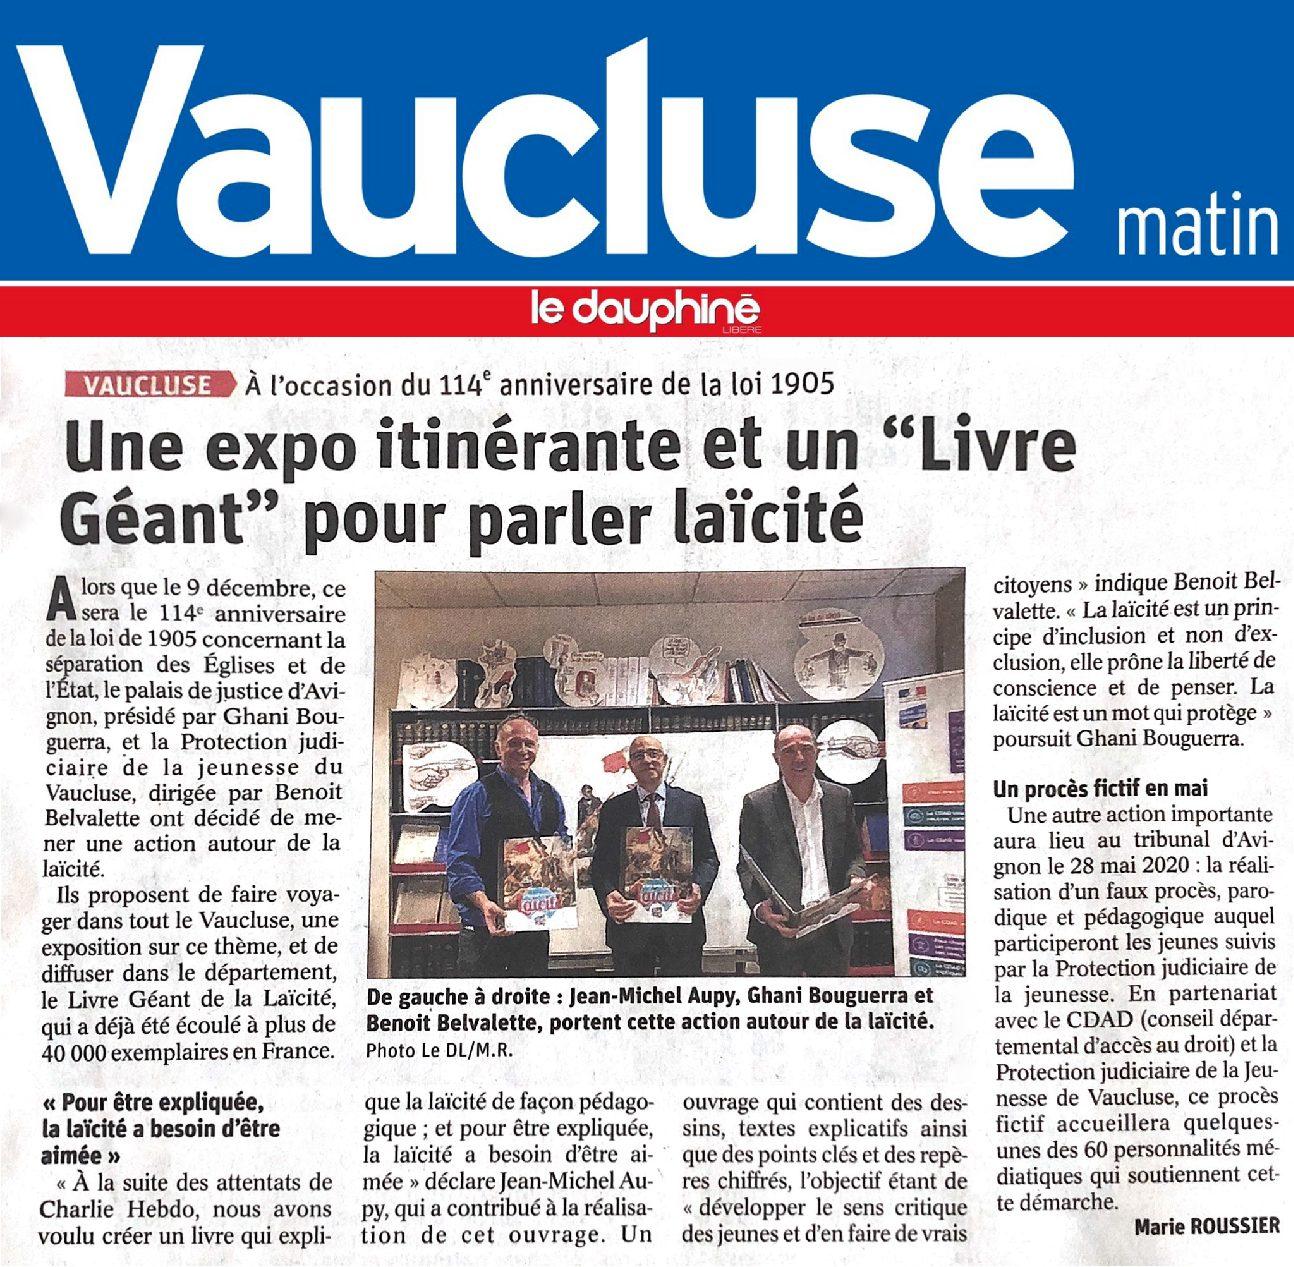 Vaucluse-Matin / Le Dauphiné Libéré